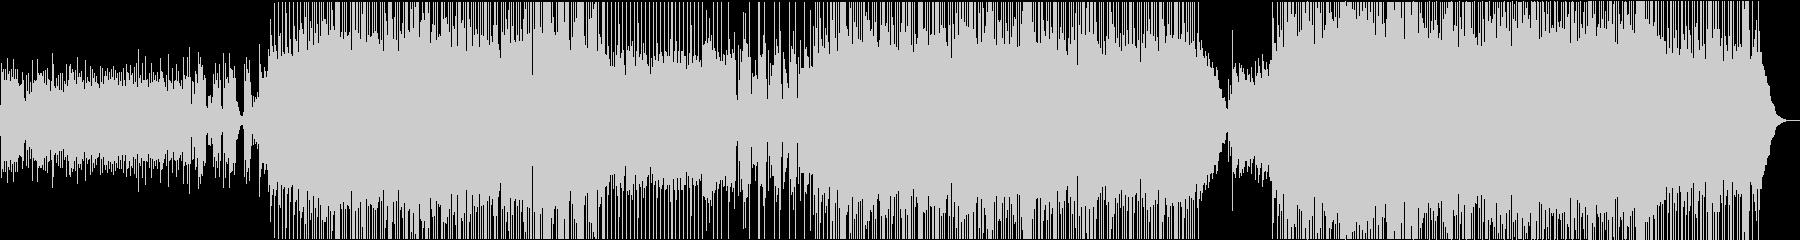 切ない/全生音/バンド/ロックバラードの未再生の波形